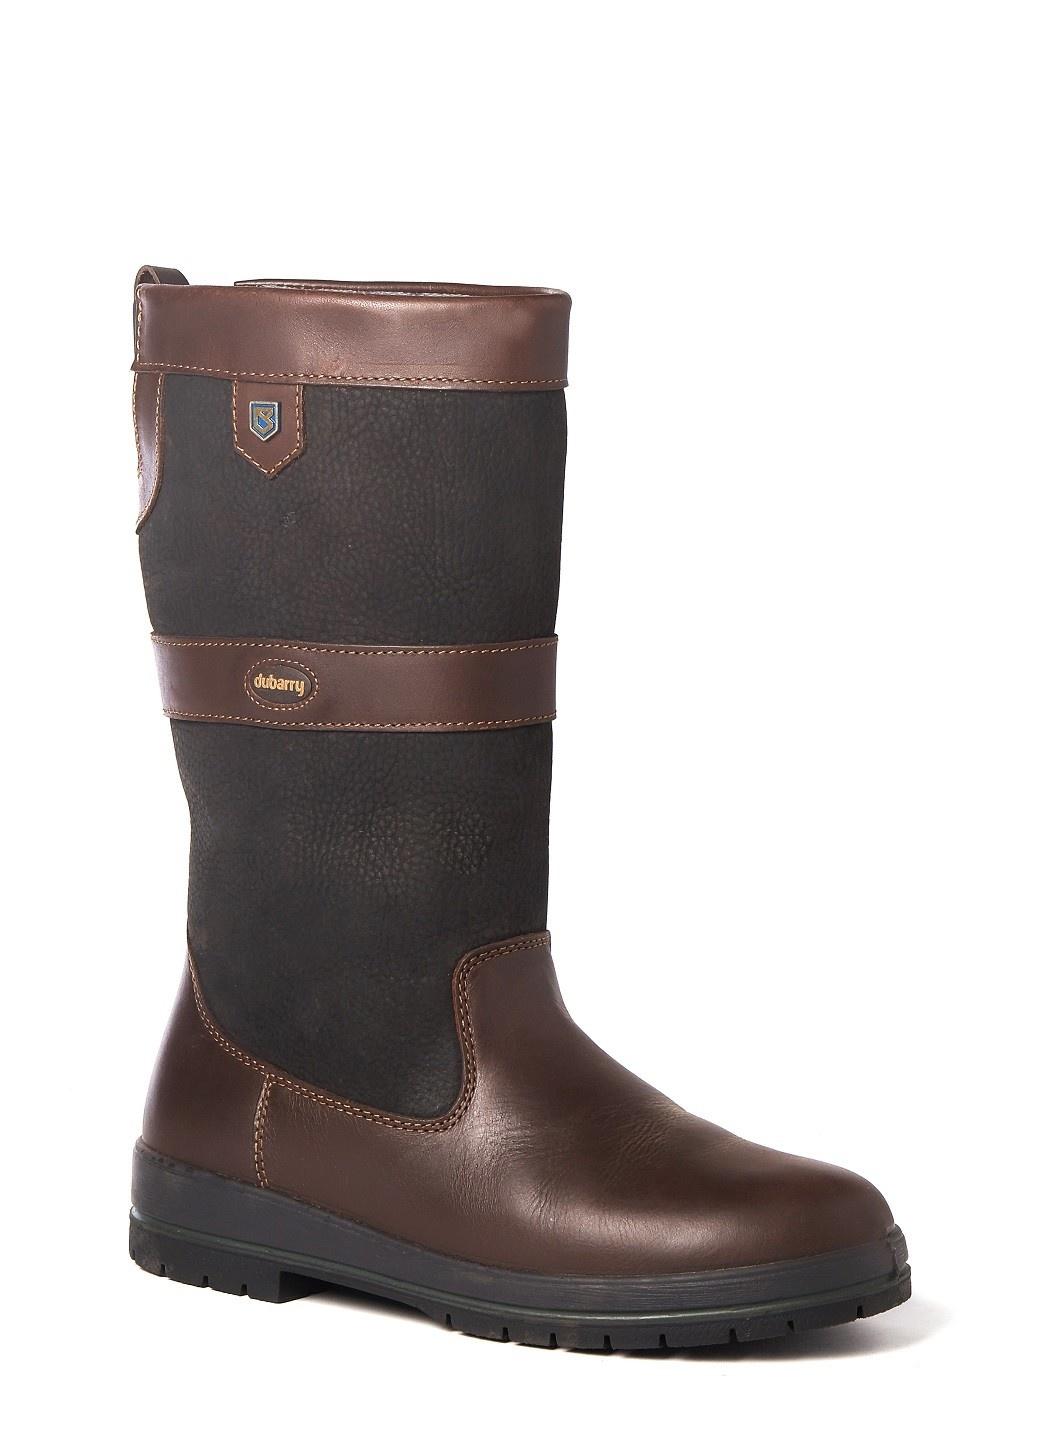 Dubarry Kildare outdoor laarzen - Black/Brown-1